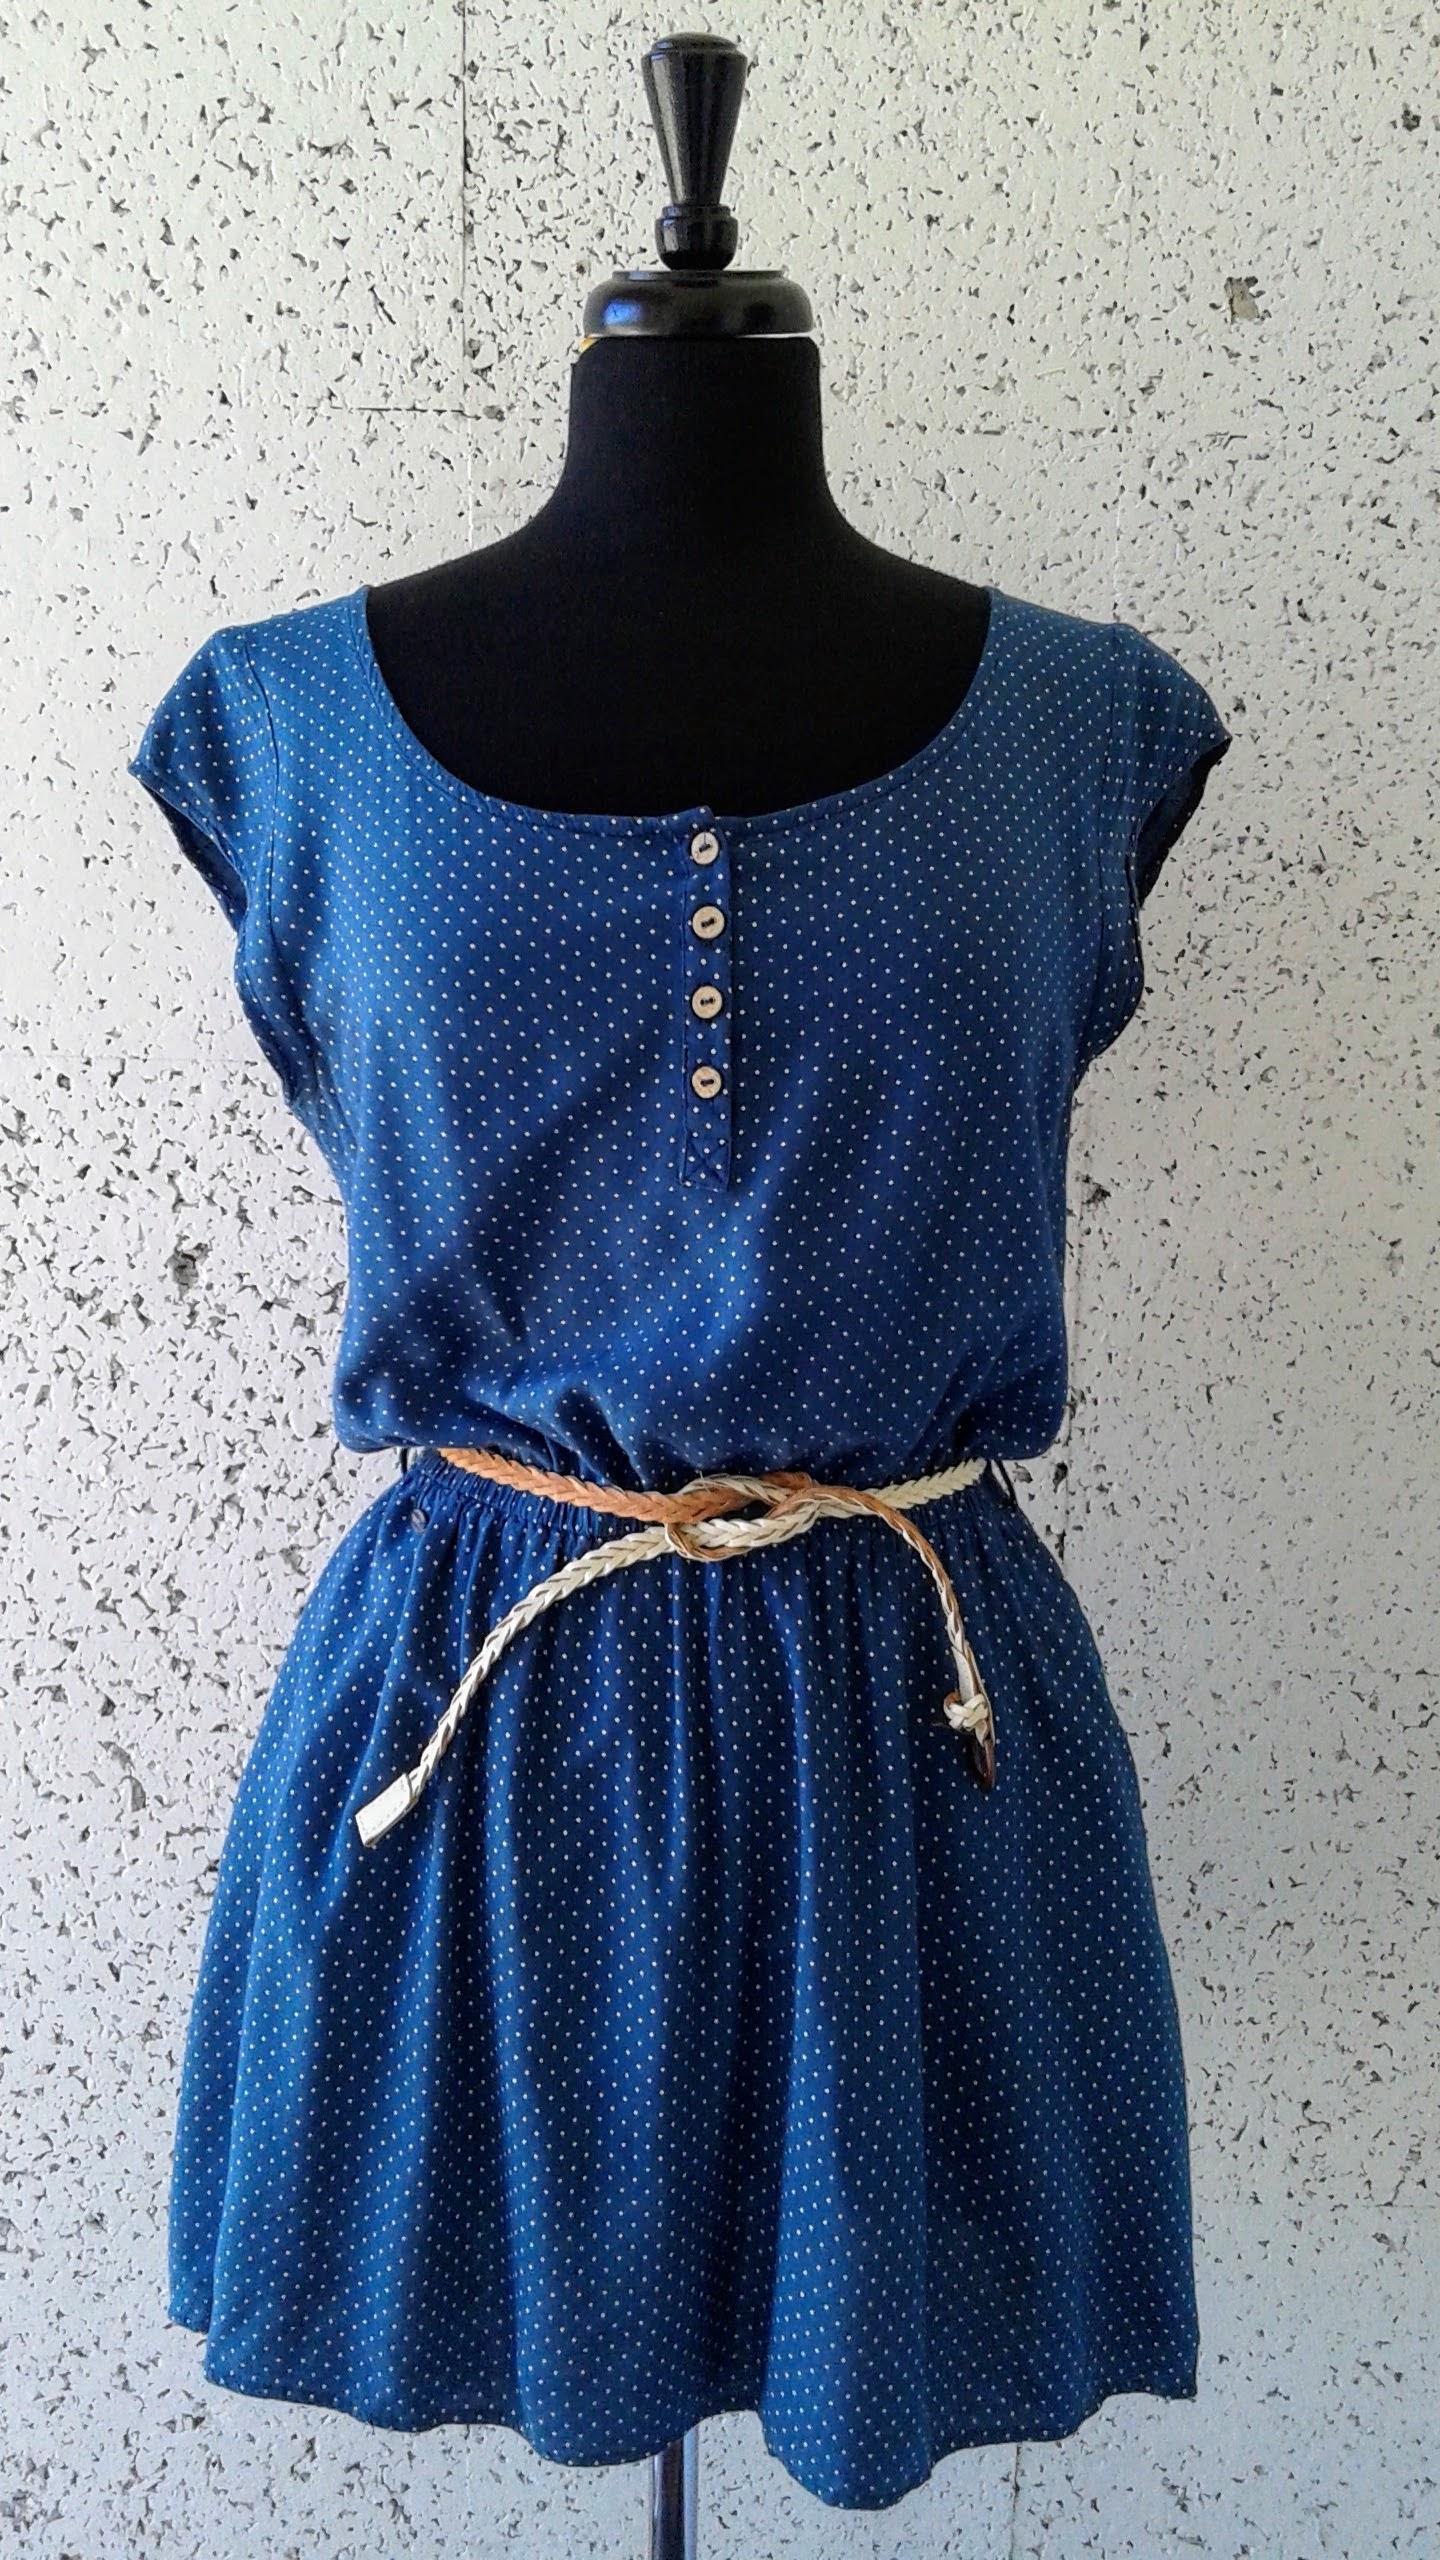 Ragwear dress; Size M, $24